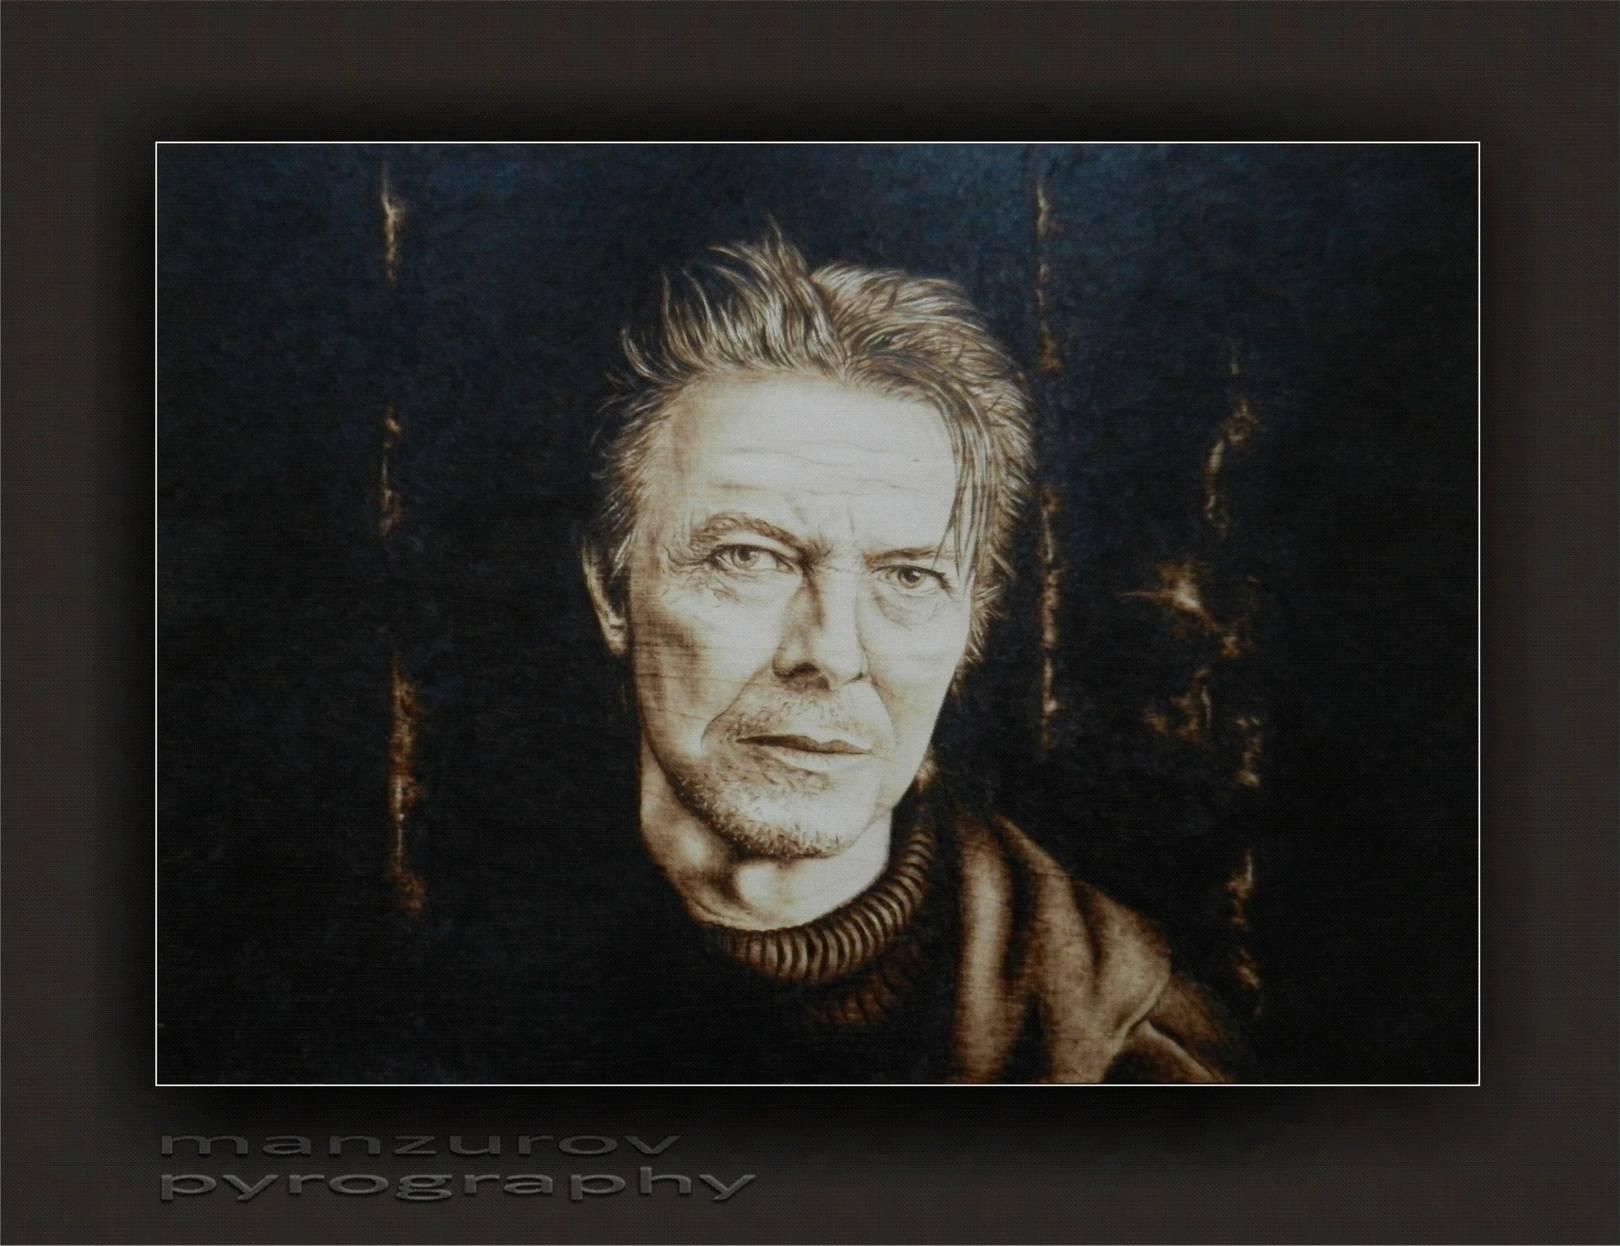 David Bowie. Пирография, березовая фанера, матовый лак. Размер 50х36см